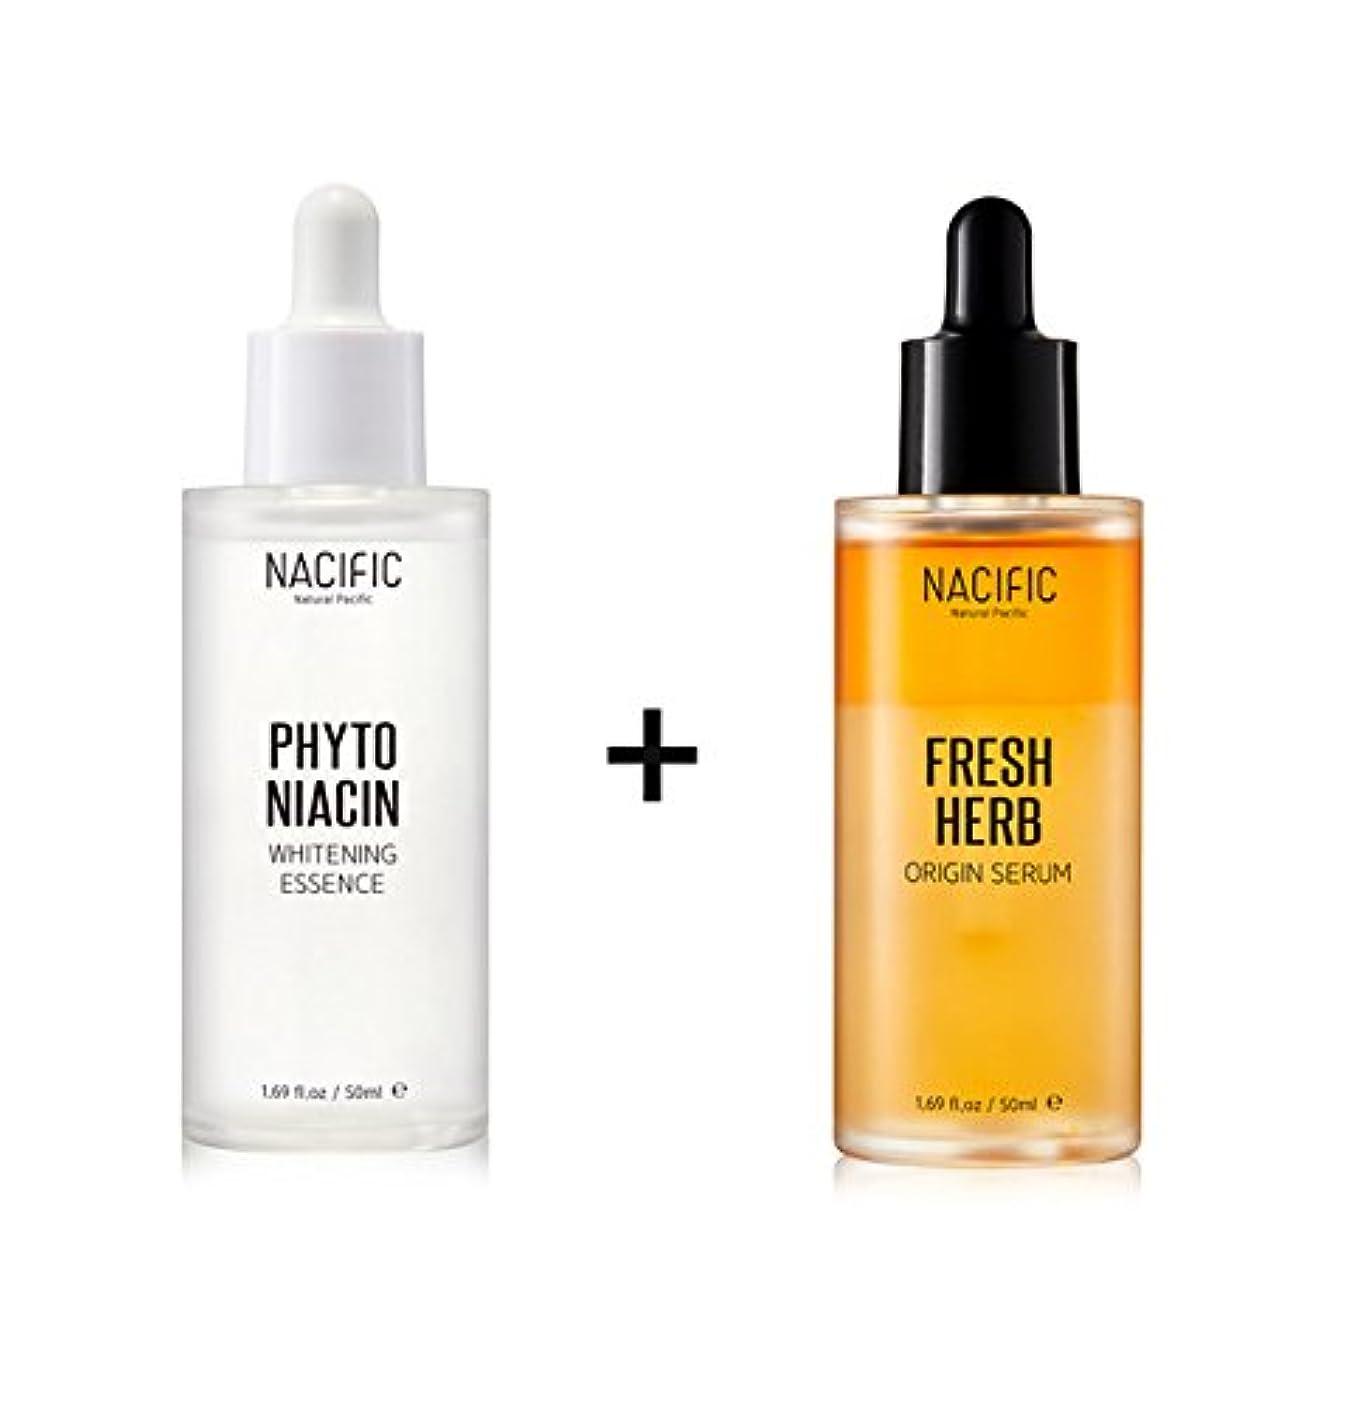 フォーマル憤るたるみ[Renewal] NACIFIC Fresh Herb Origin Serum 50ml + Phyto Niacin Whitening Essence 50ml/ナシフィック フレッシュ ハーブ オリジン セラム...